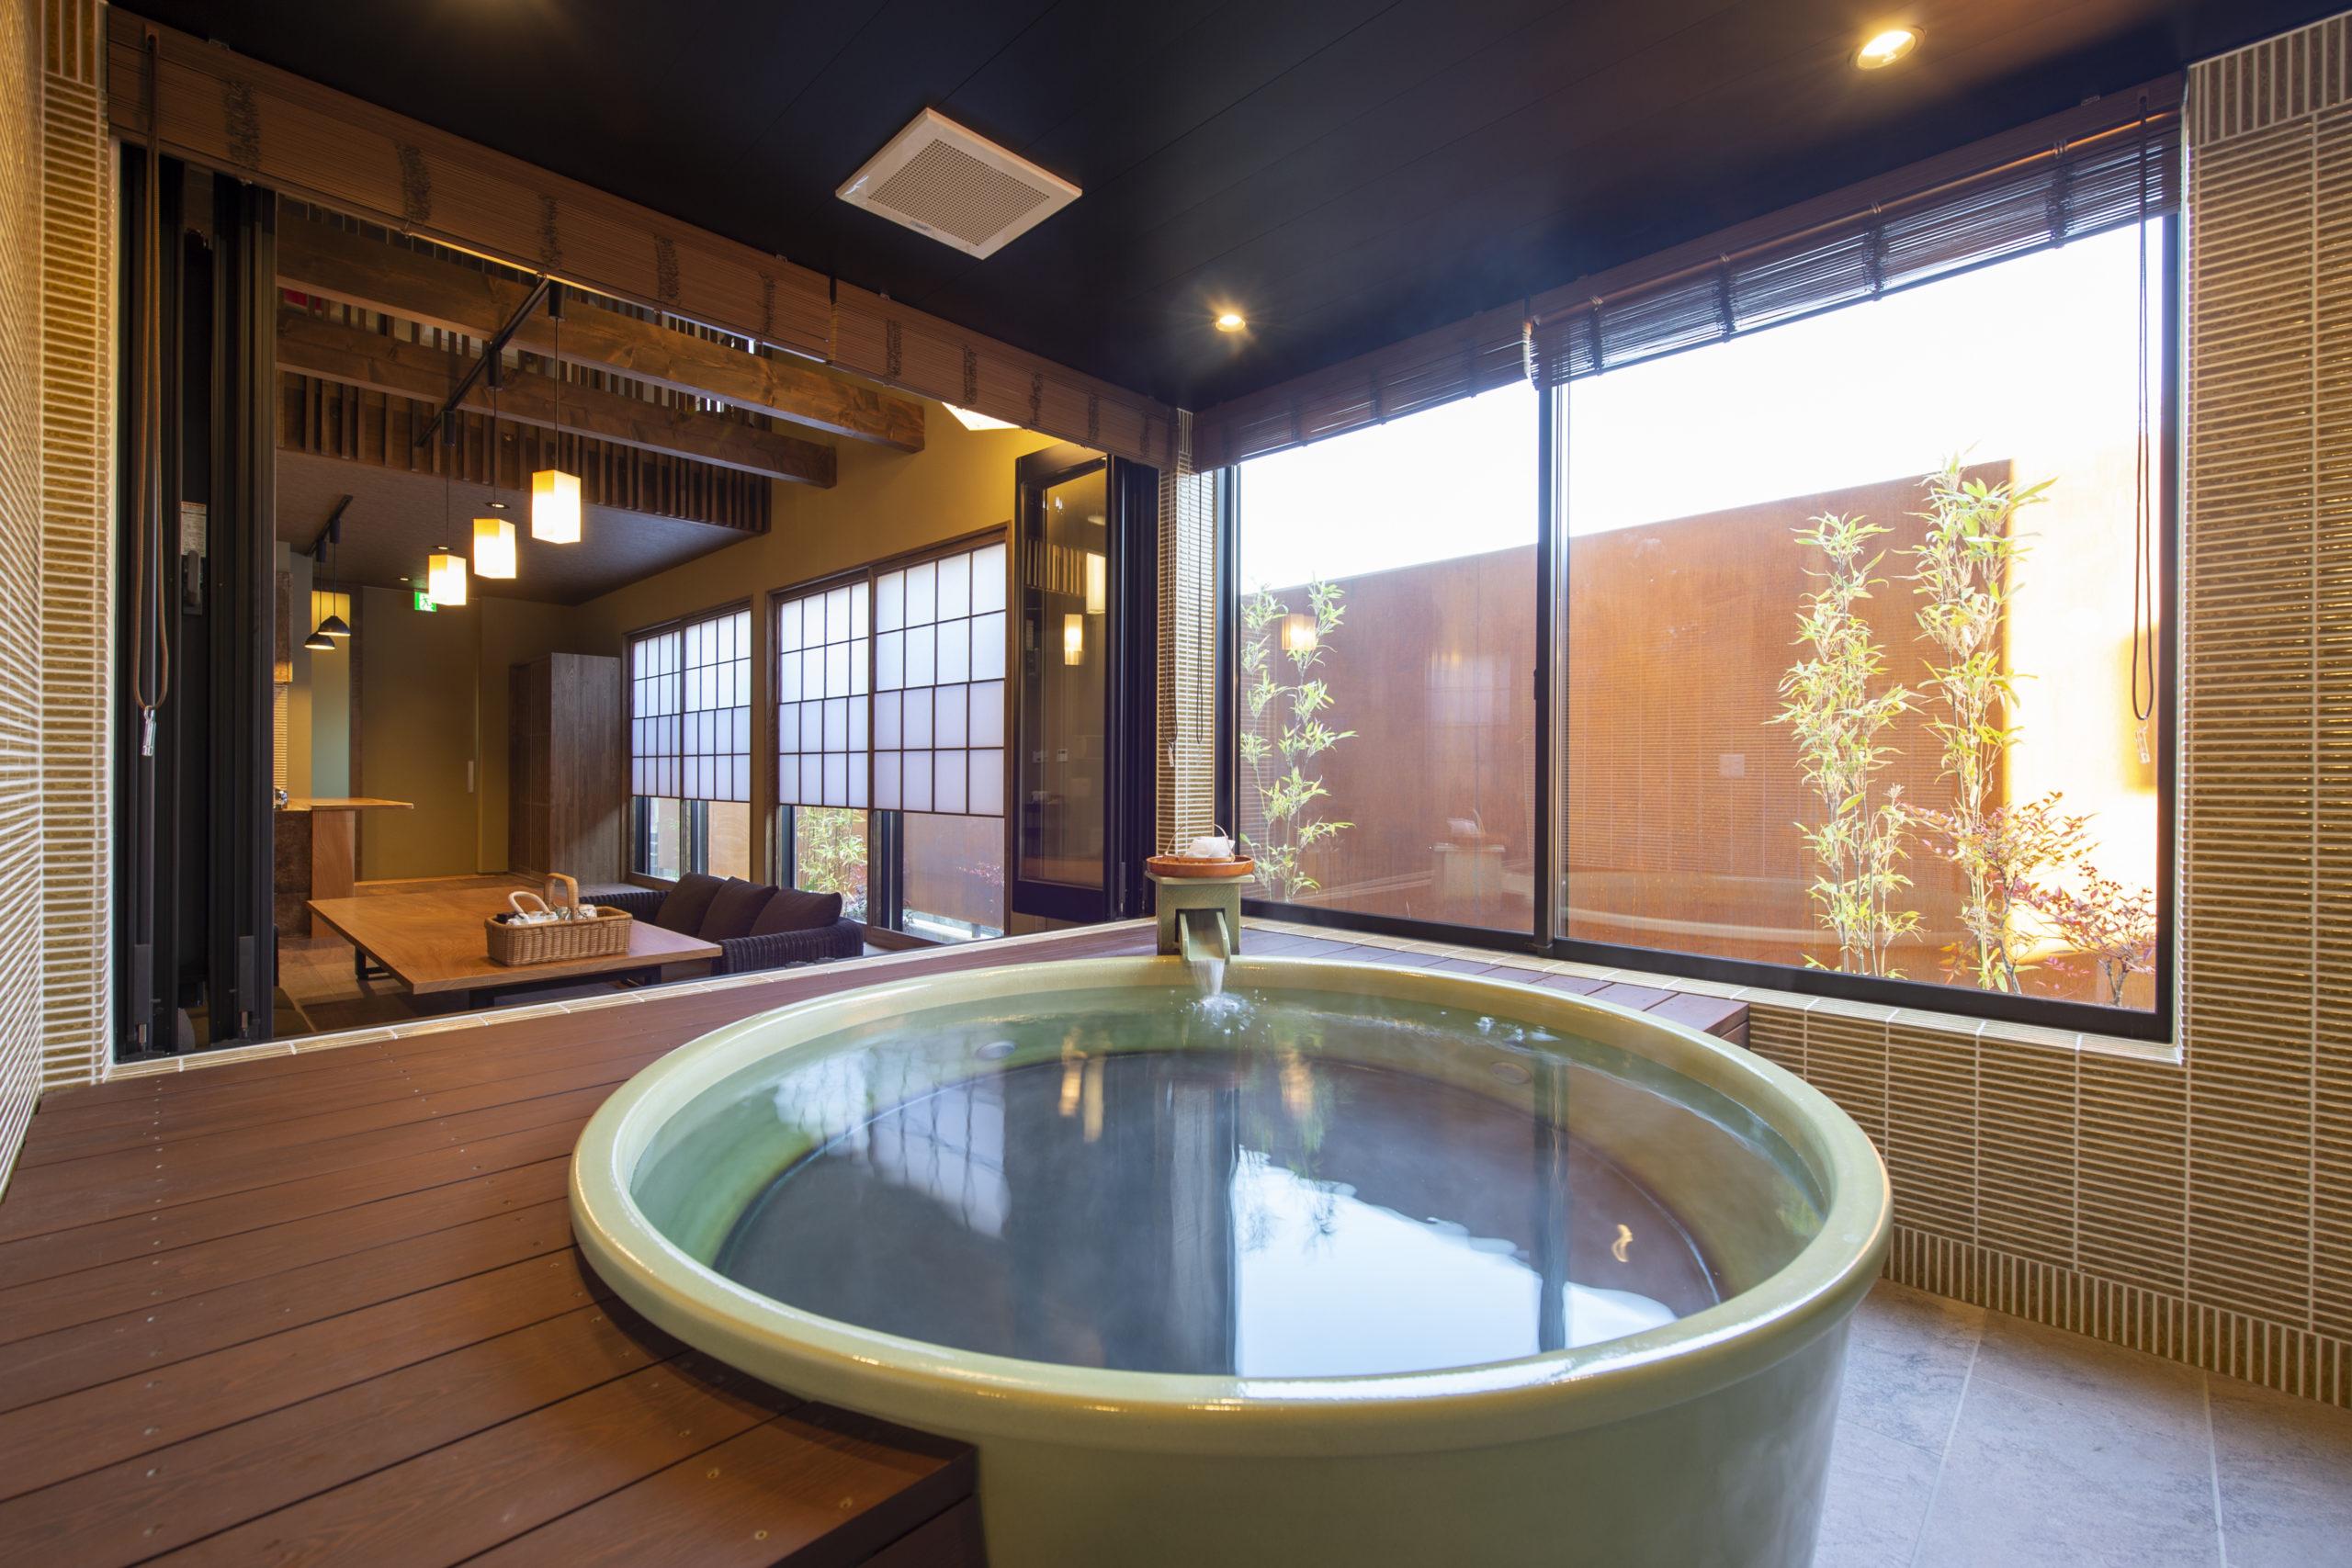 高瀬茶の湯 ゲストハウス JIJI